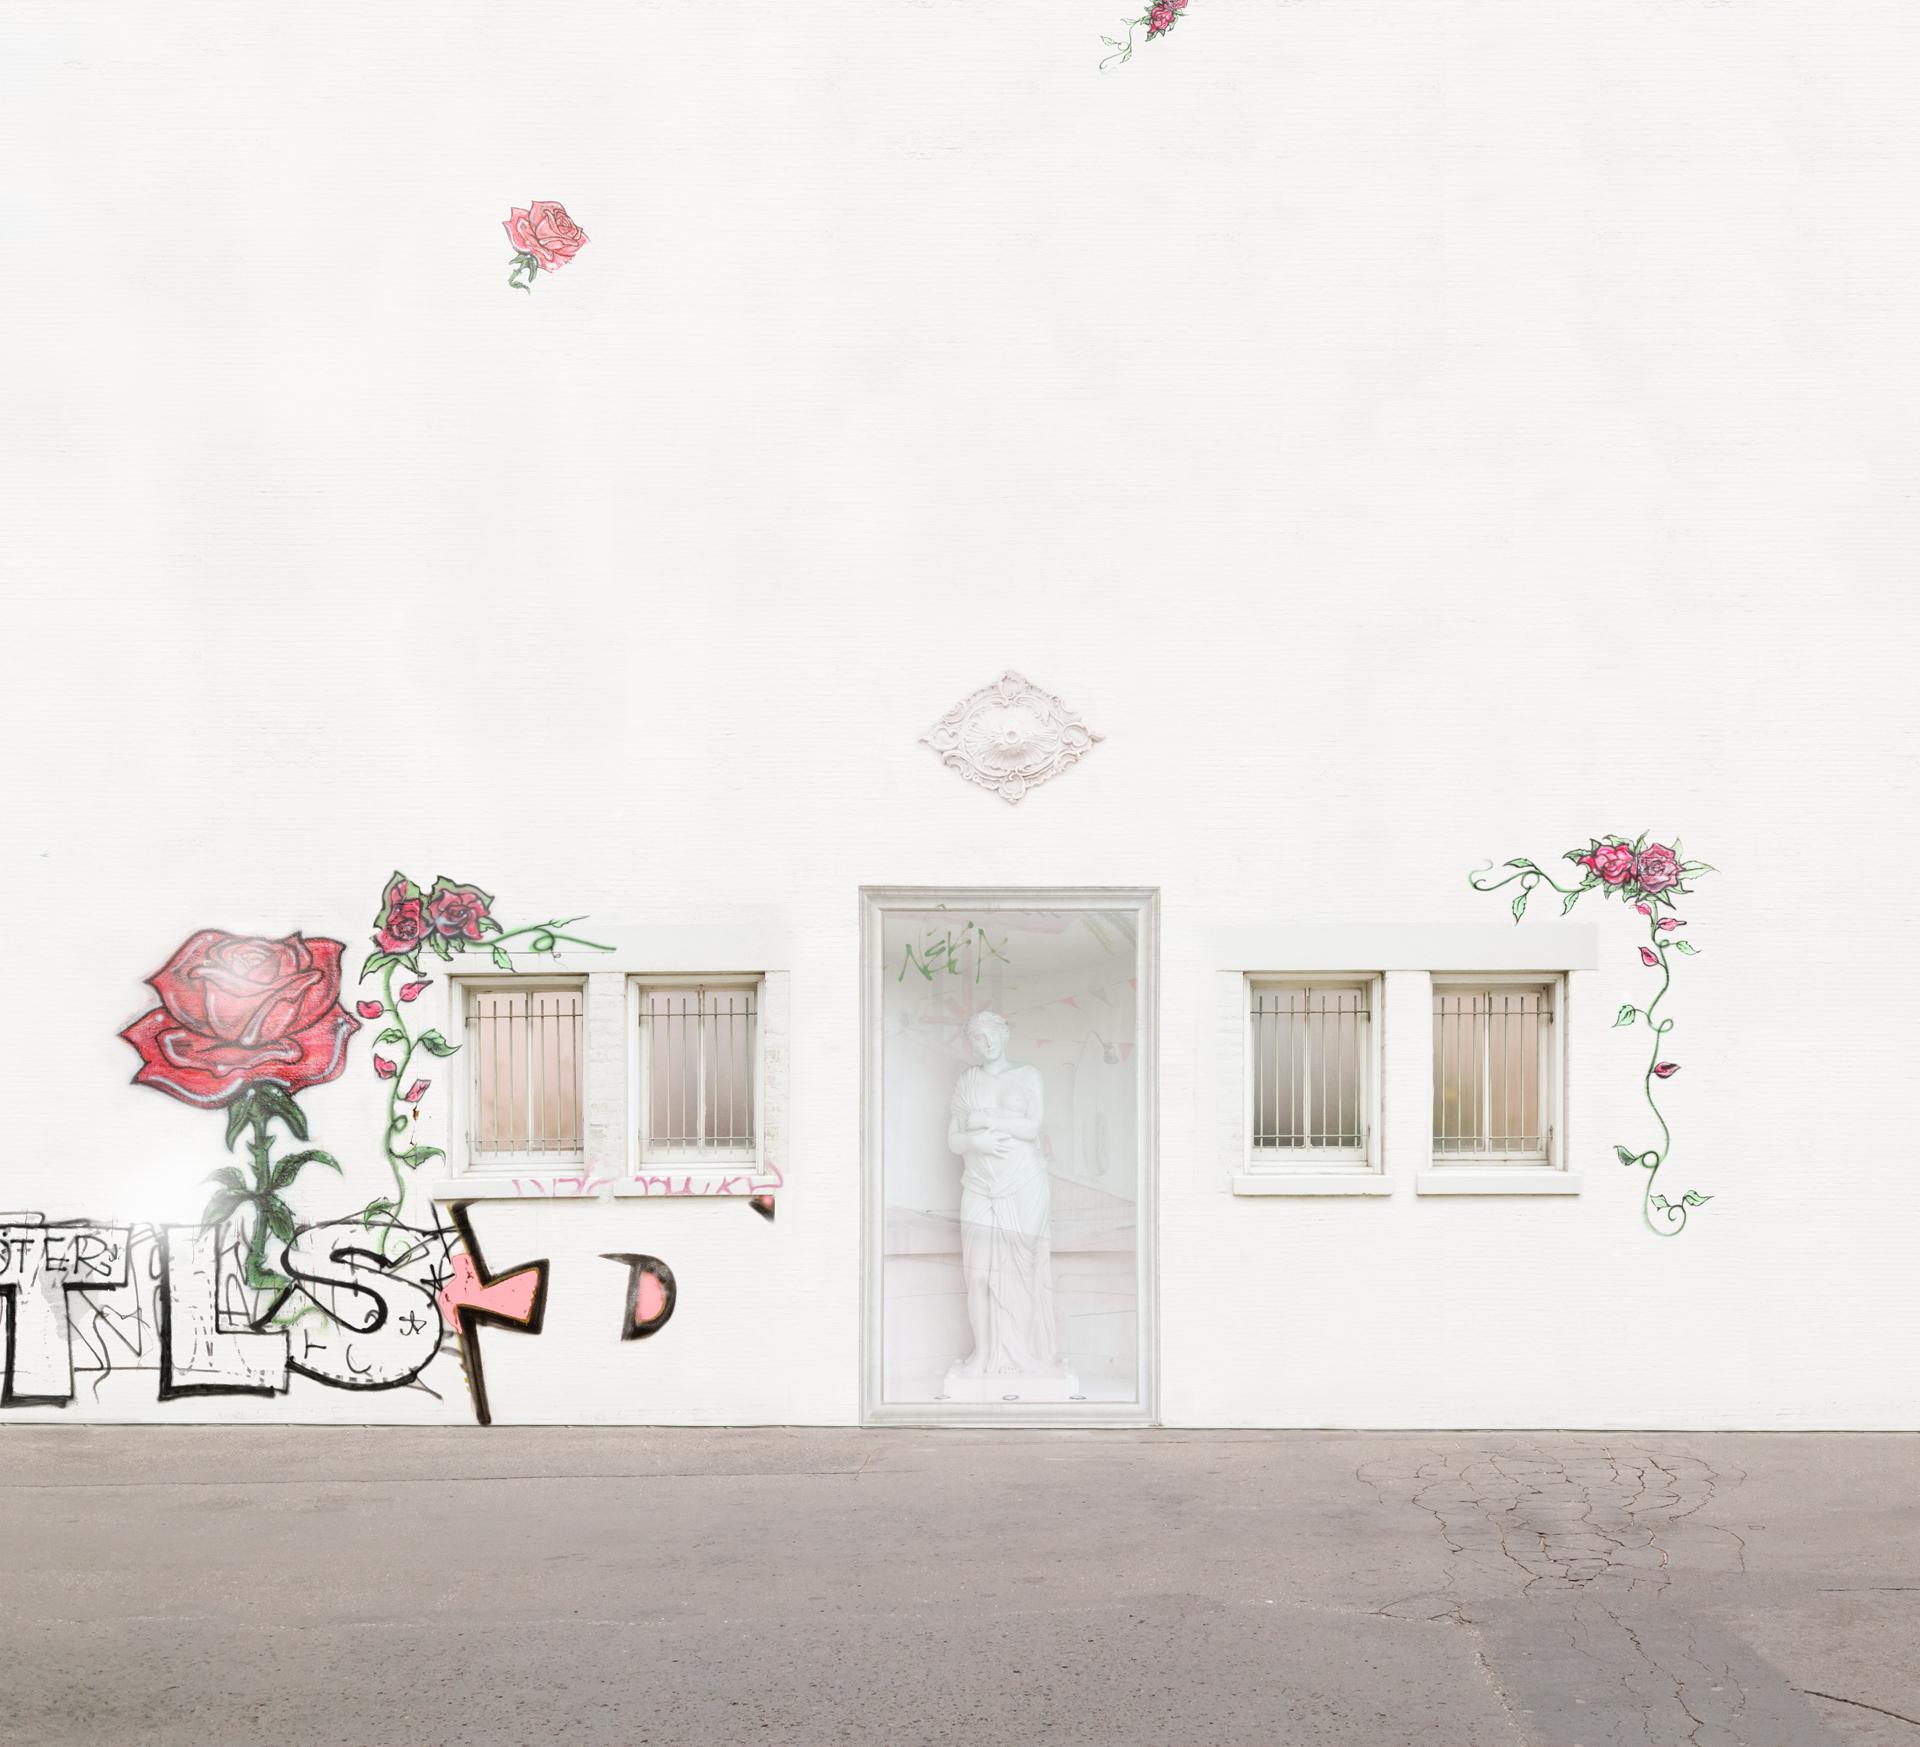 016Merrill Roses